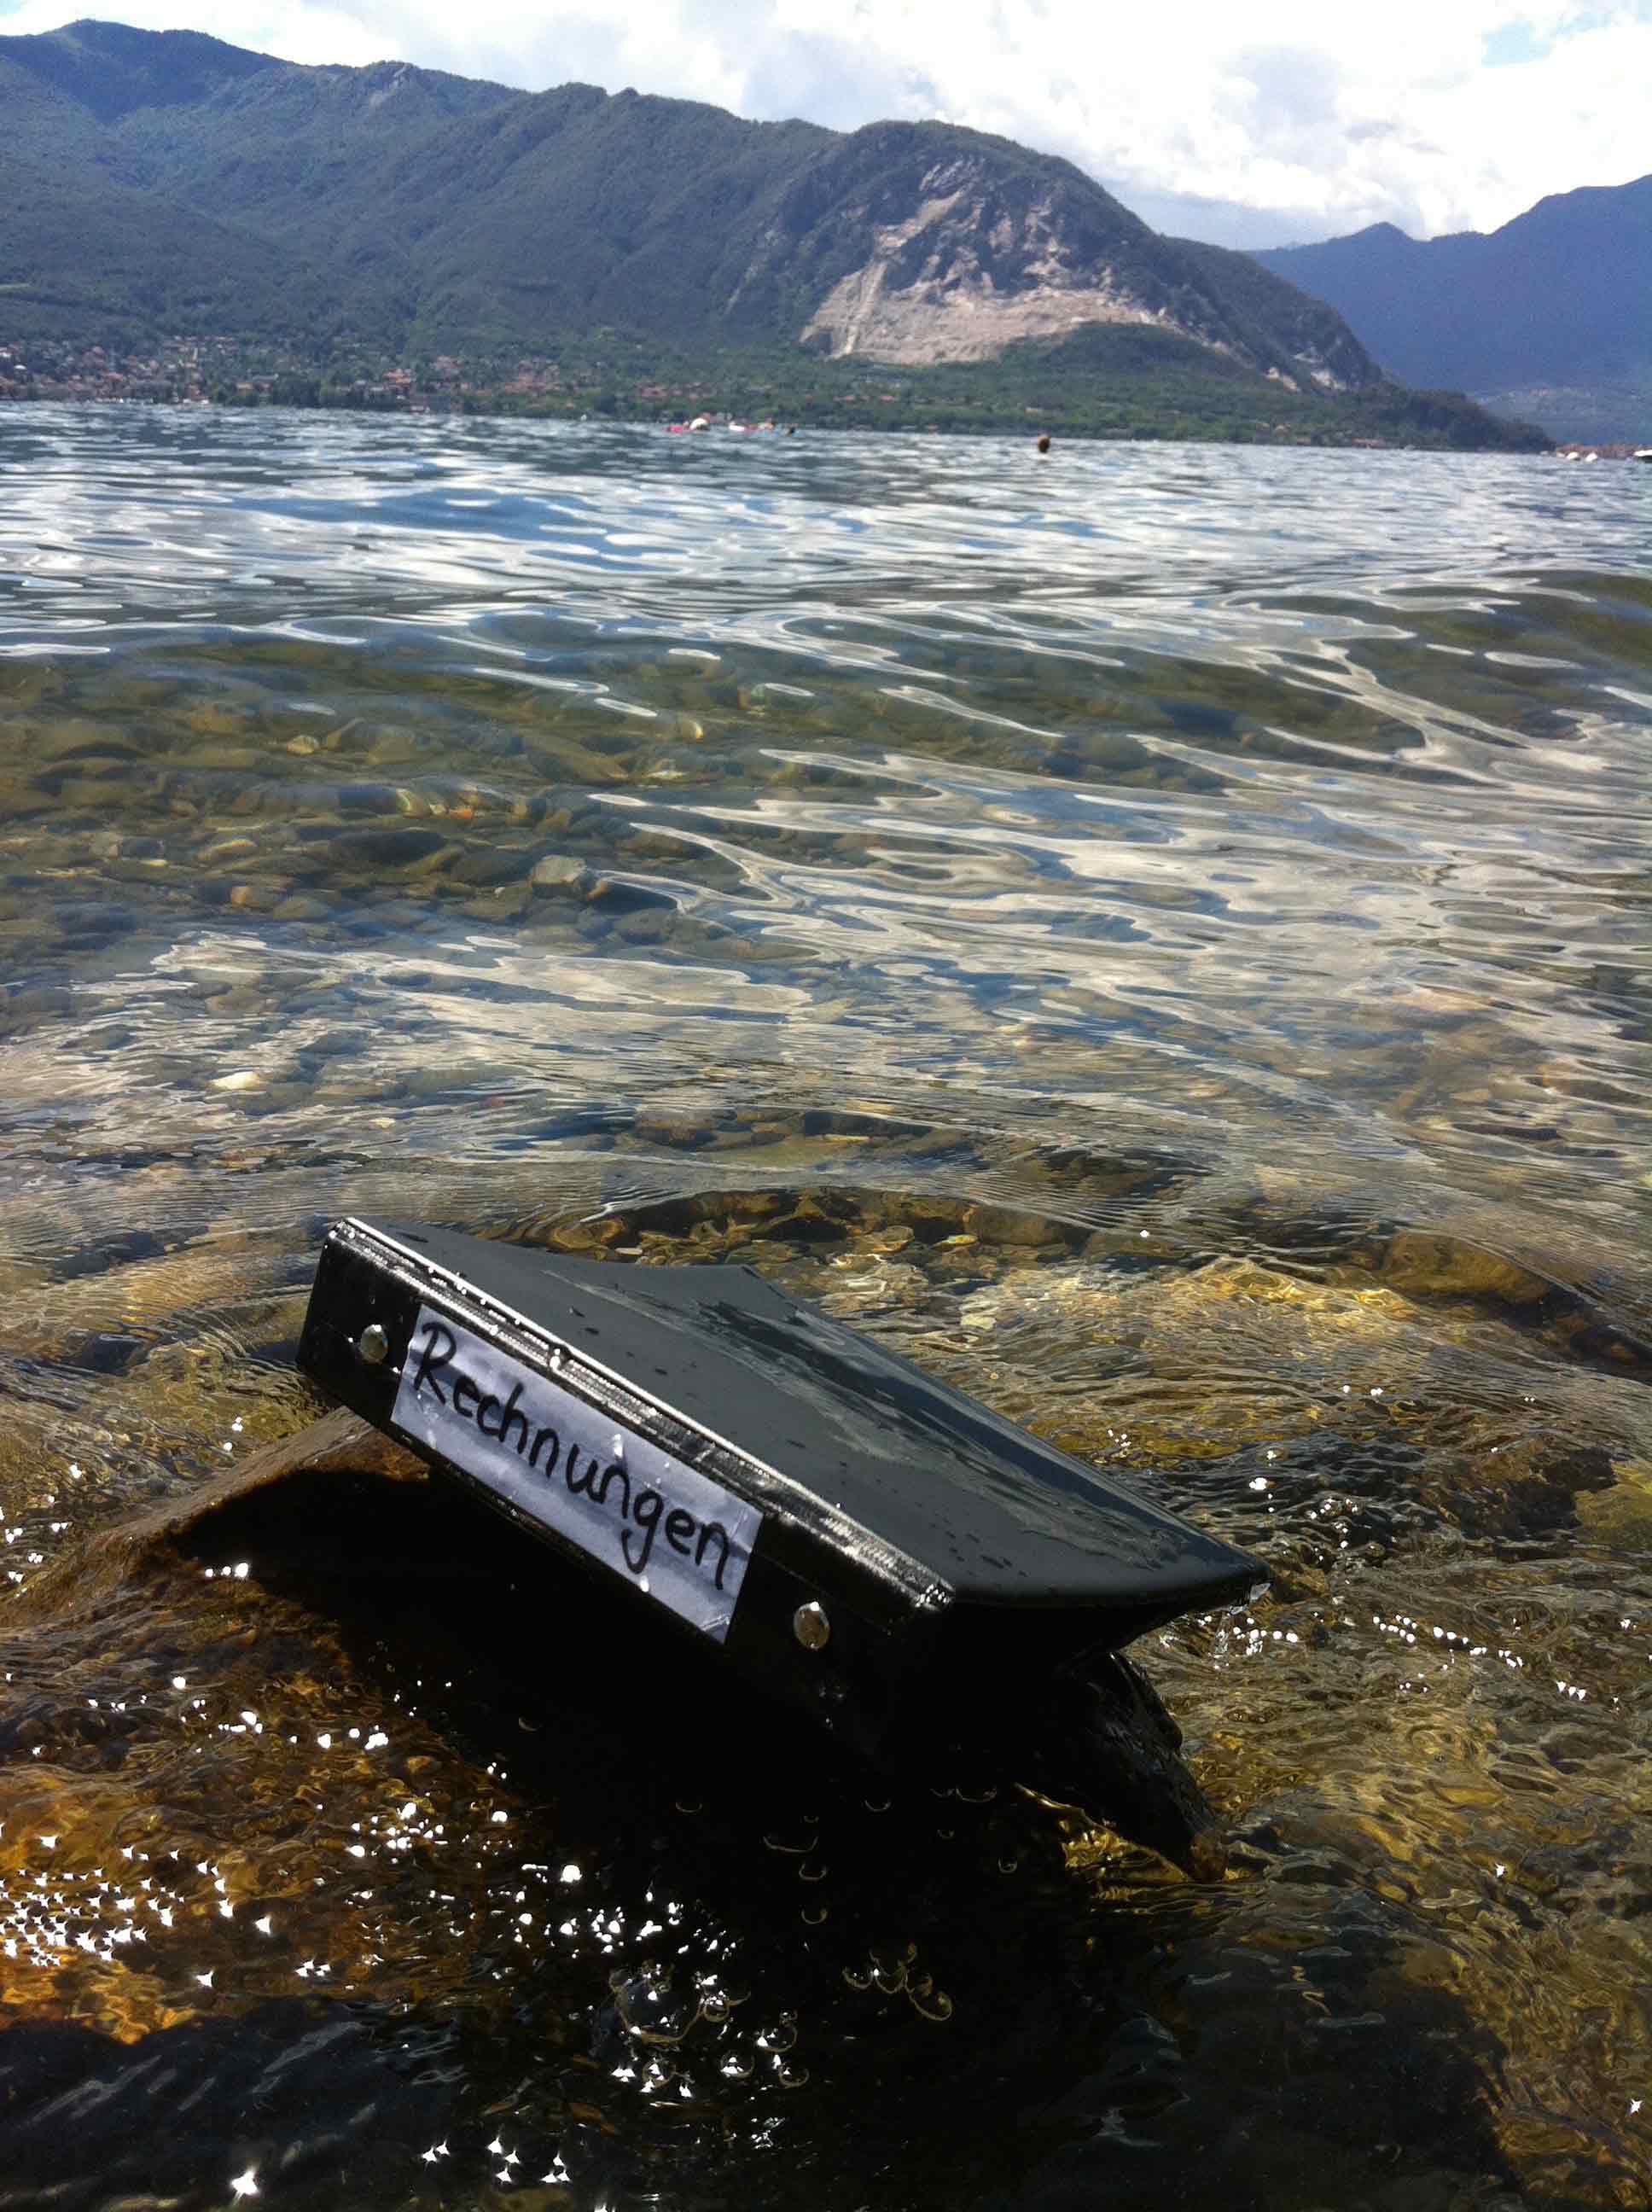 Pendelordner im Lago Maggiore bei Verbania